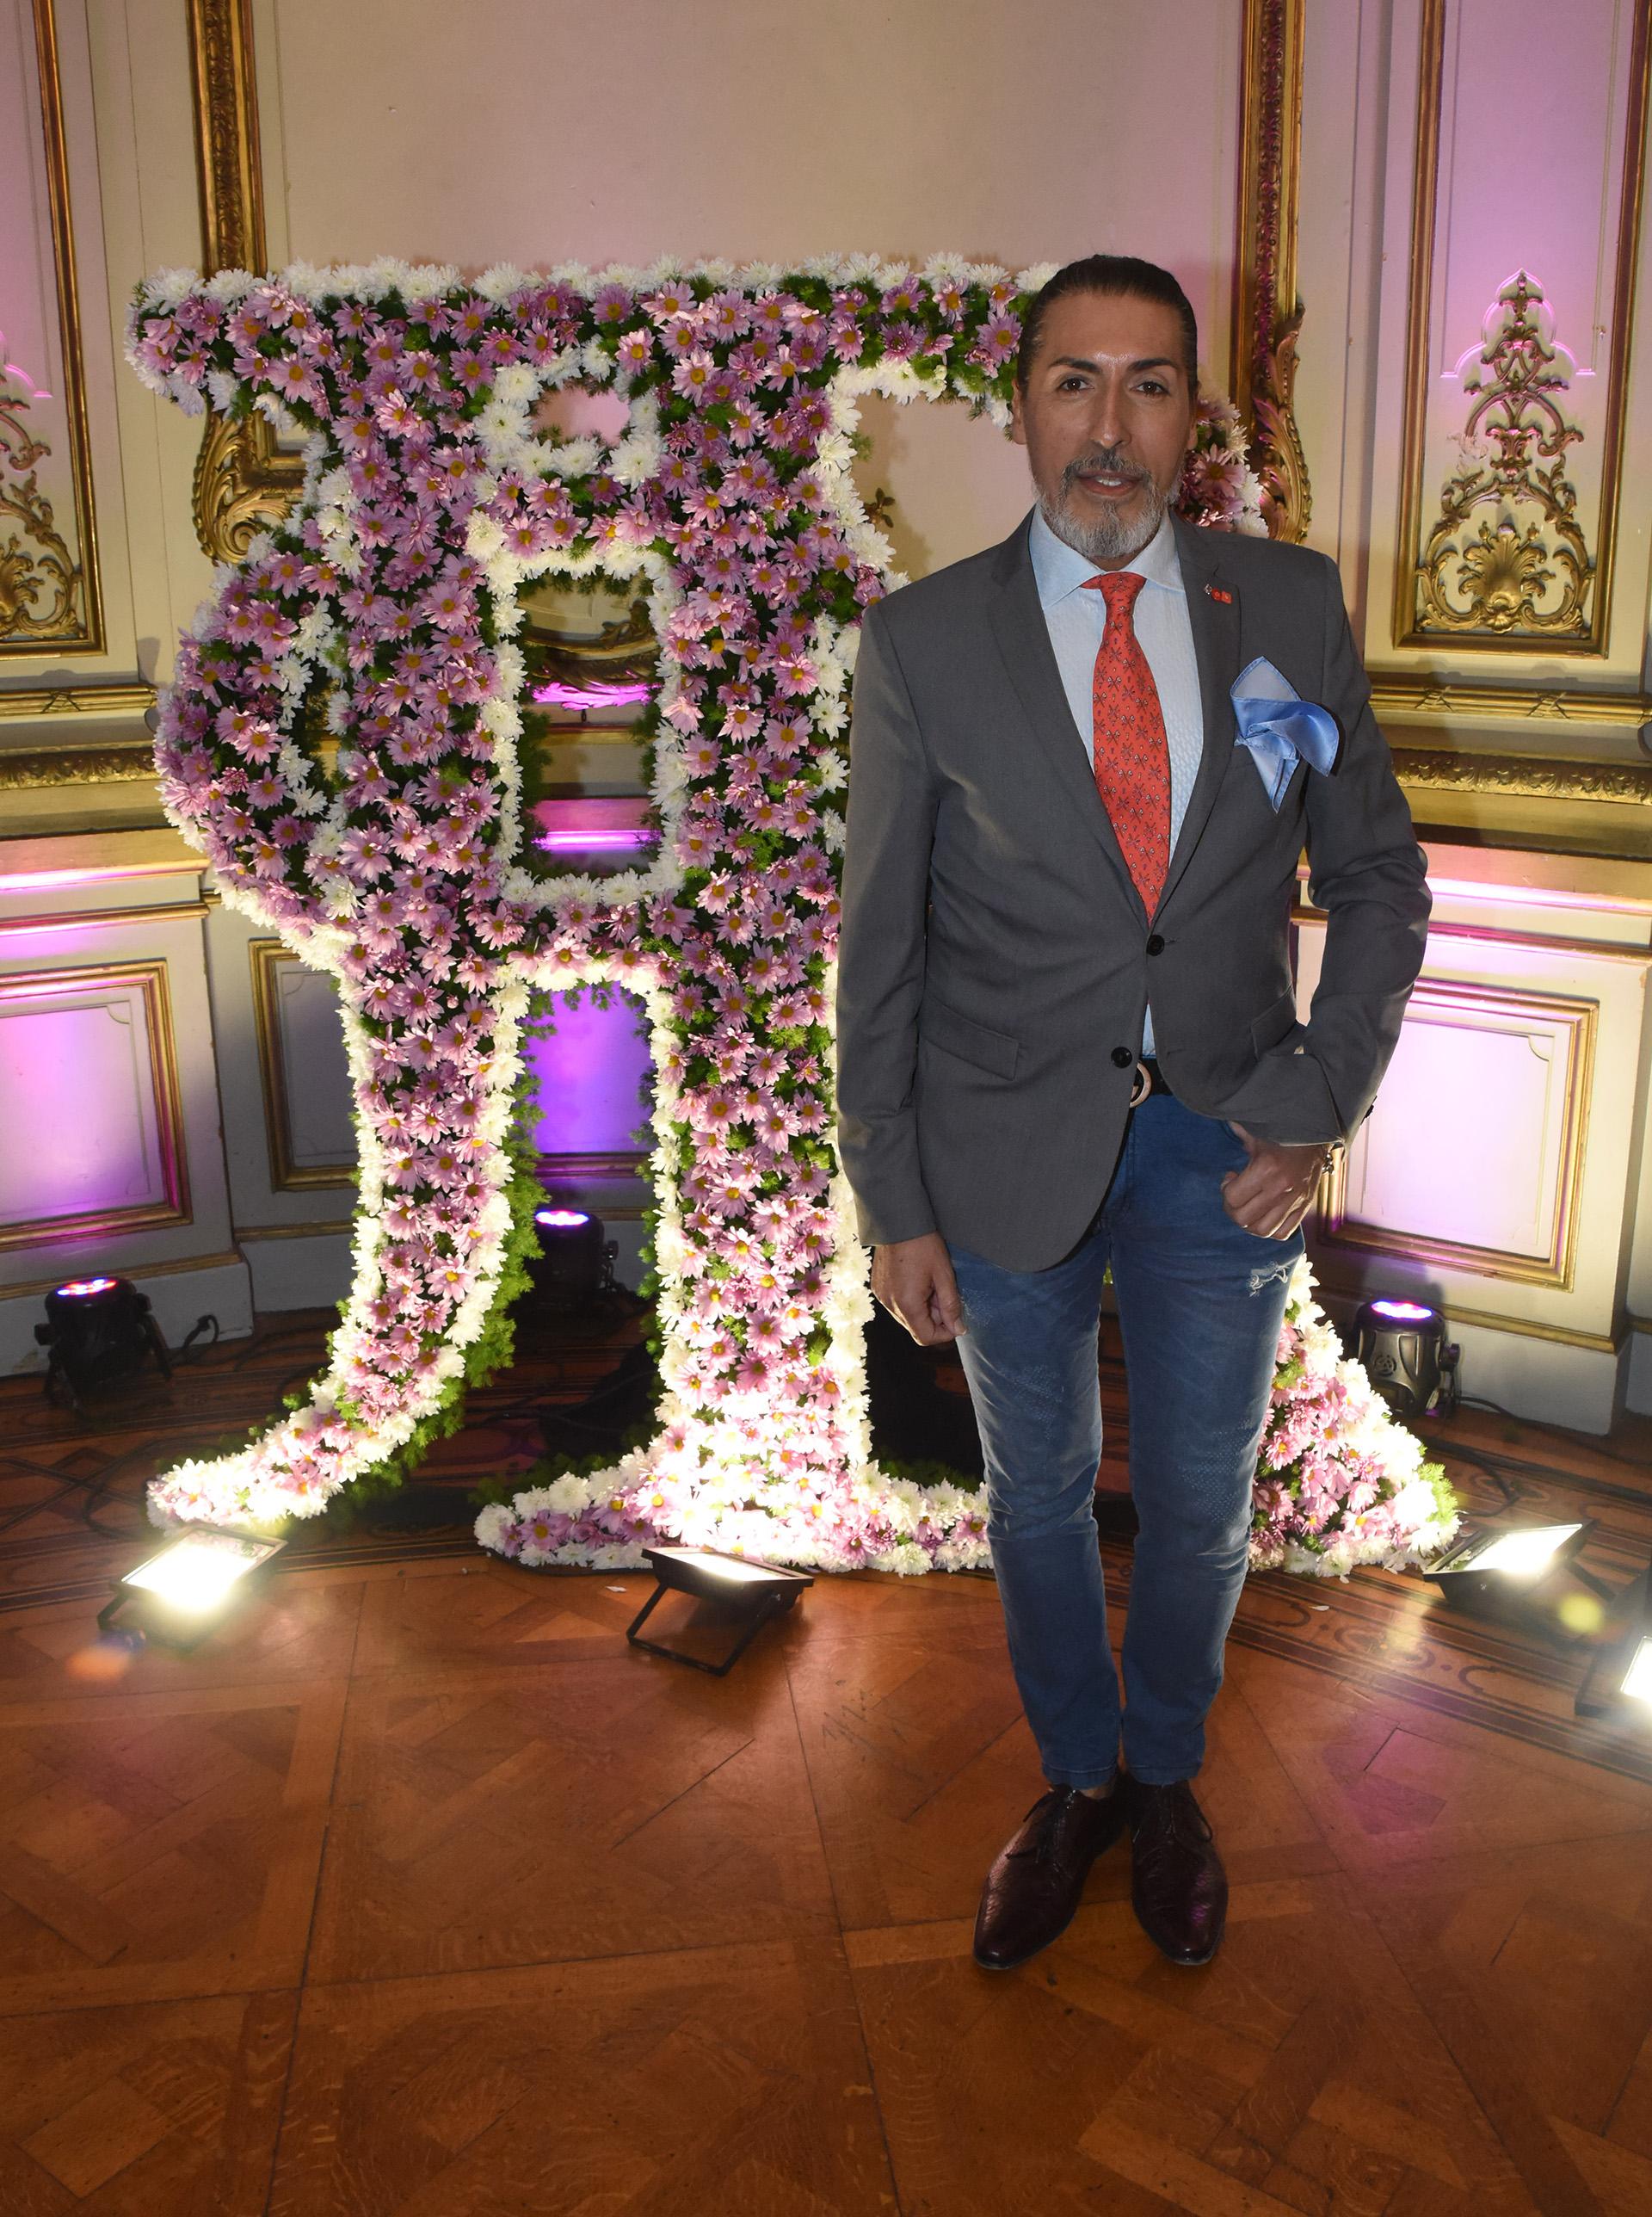 El diseñador y crítico de moda César Juricich. Lució un saco gris combinado con camisa blanca y corbata naranja y jeans